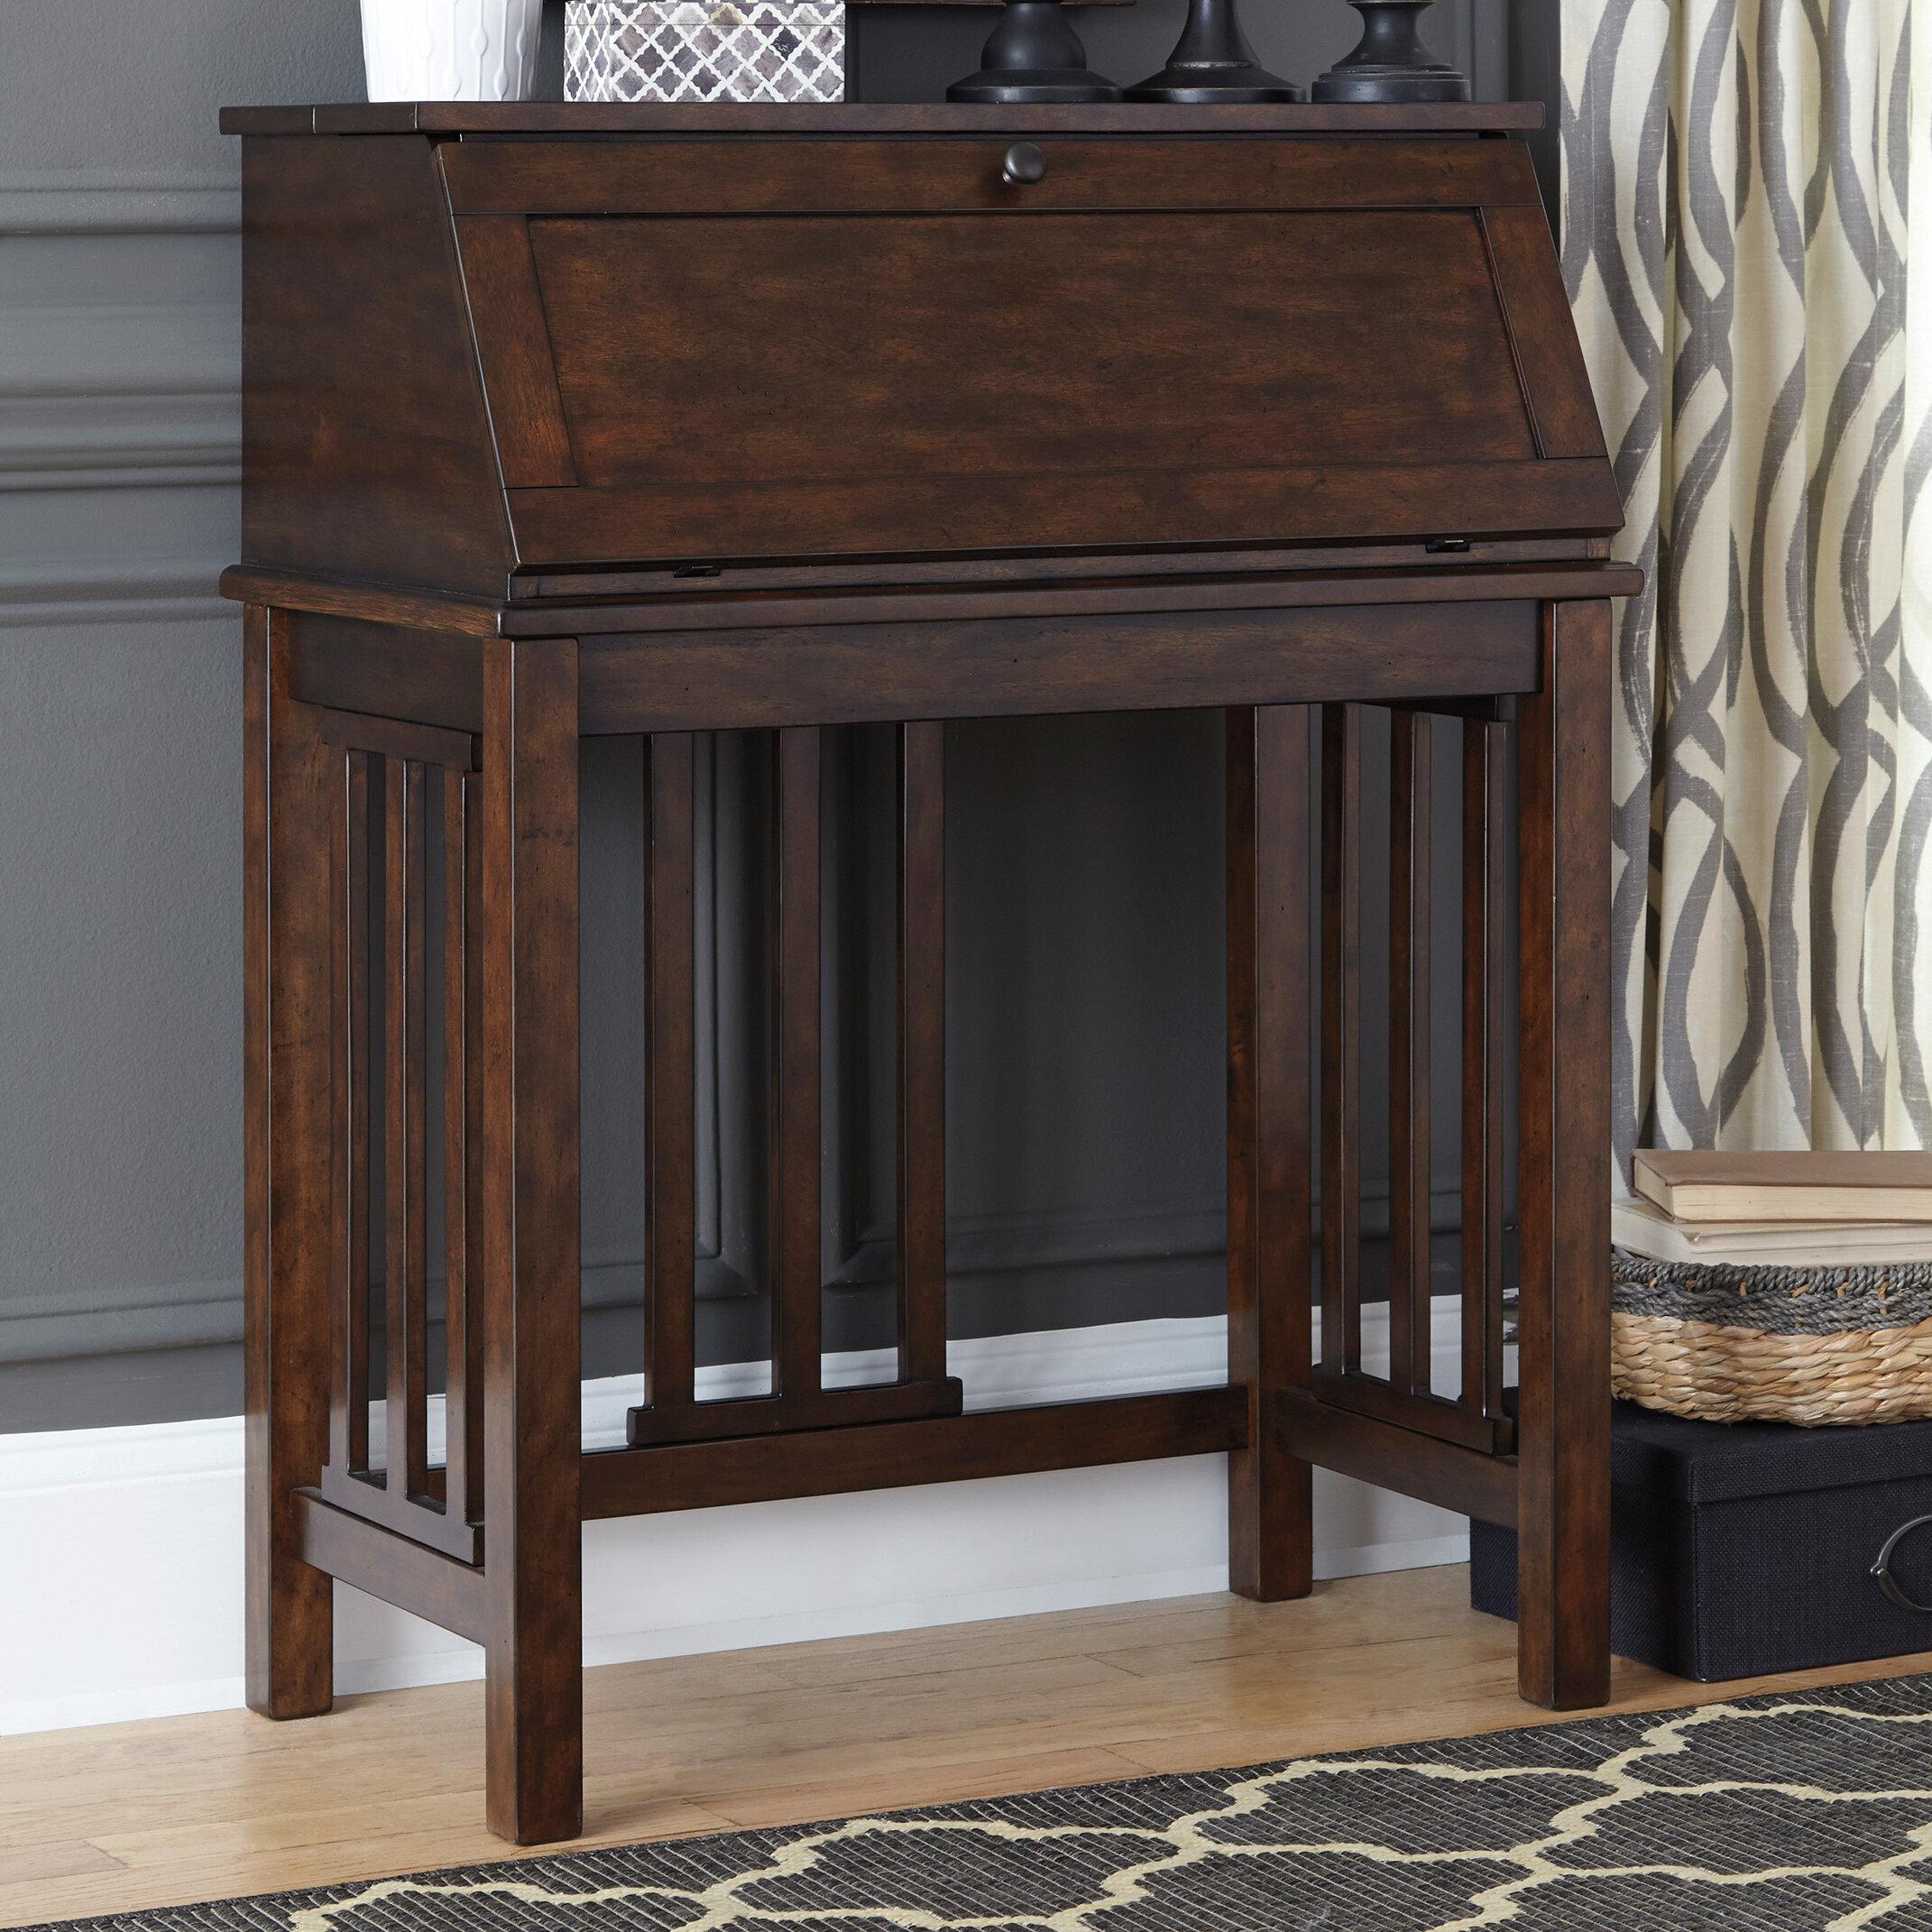 peak furniture secretary wayfair drop reviews loon front nimmons pdx desk